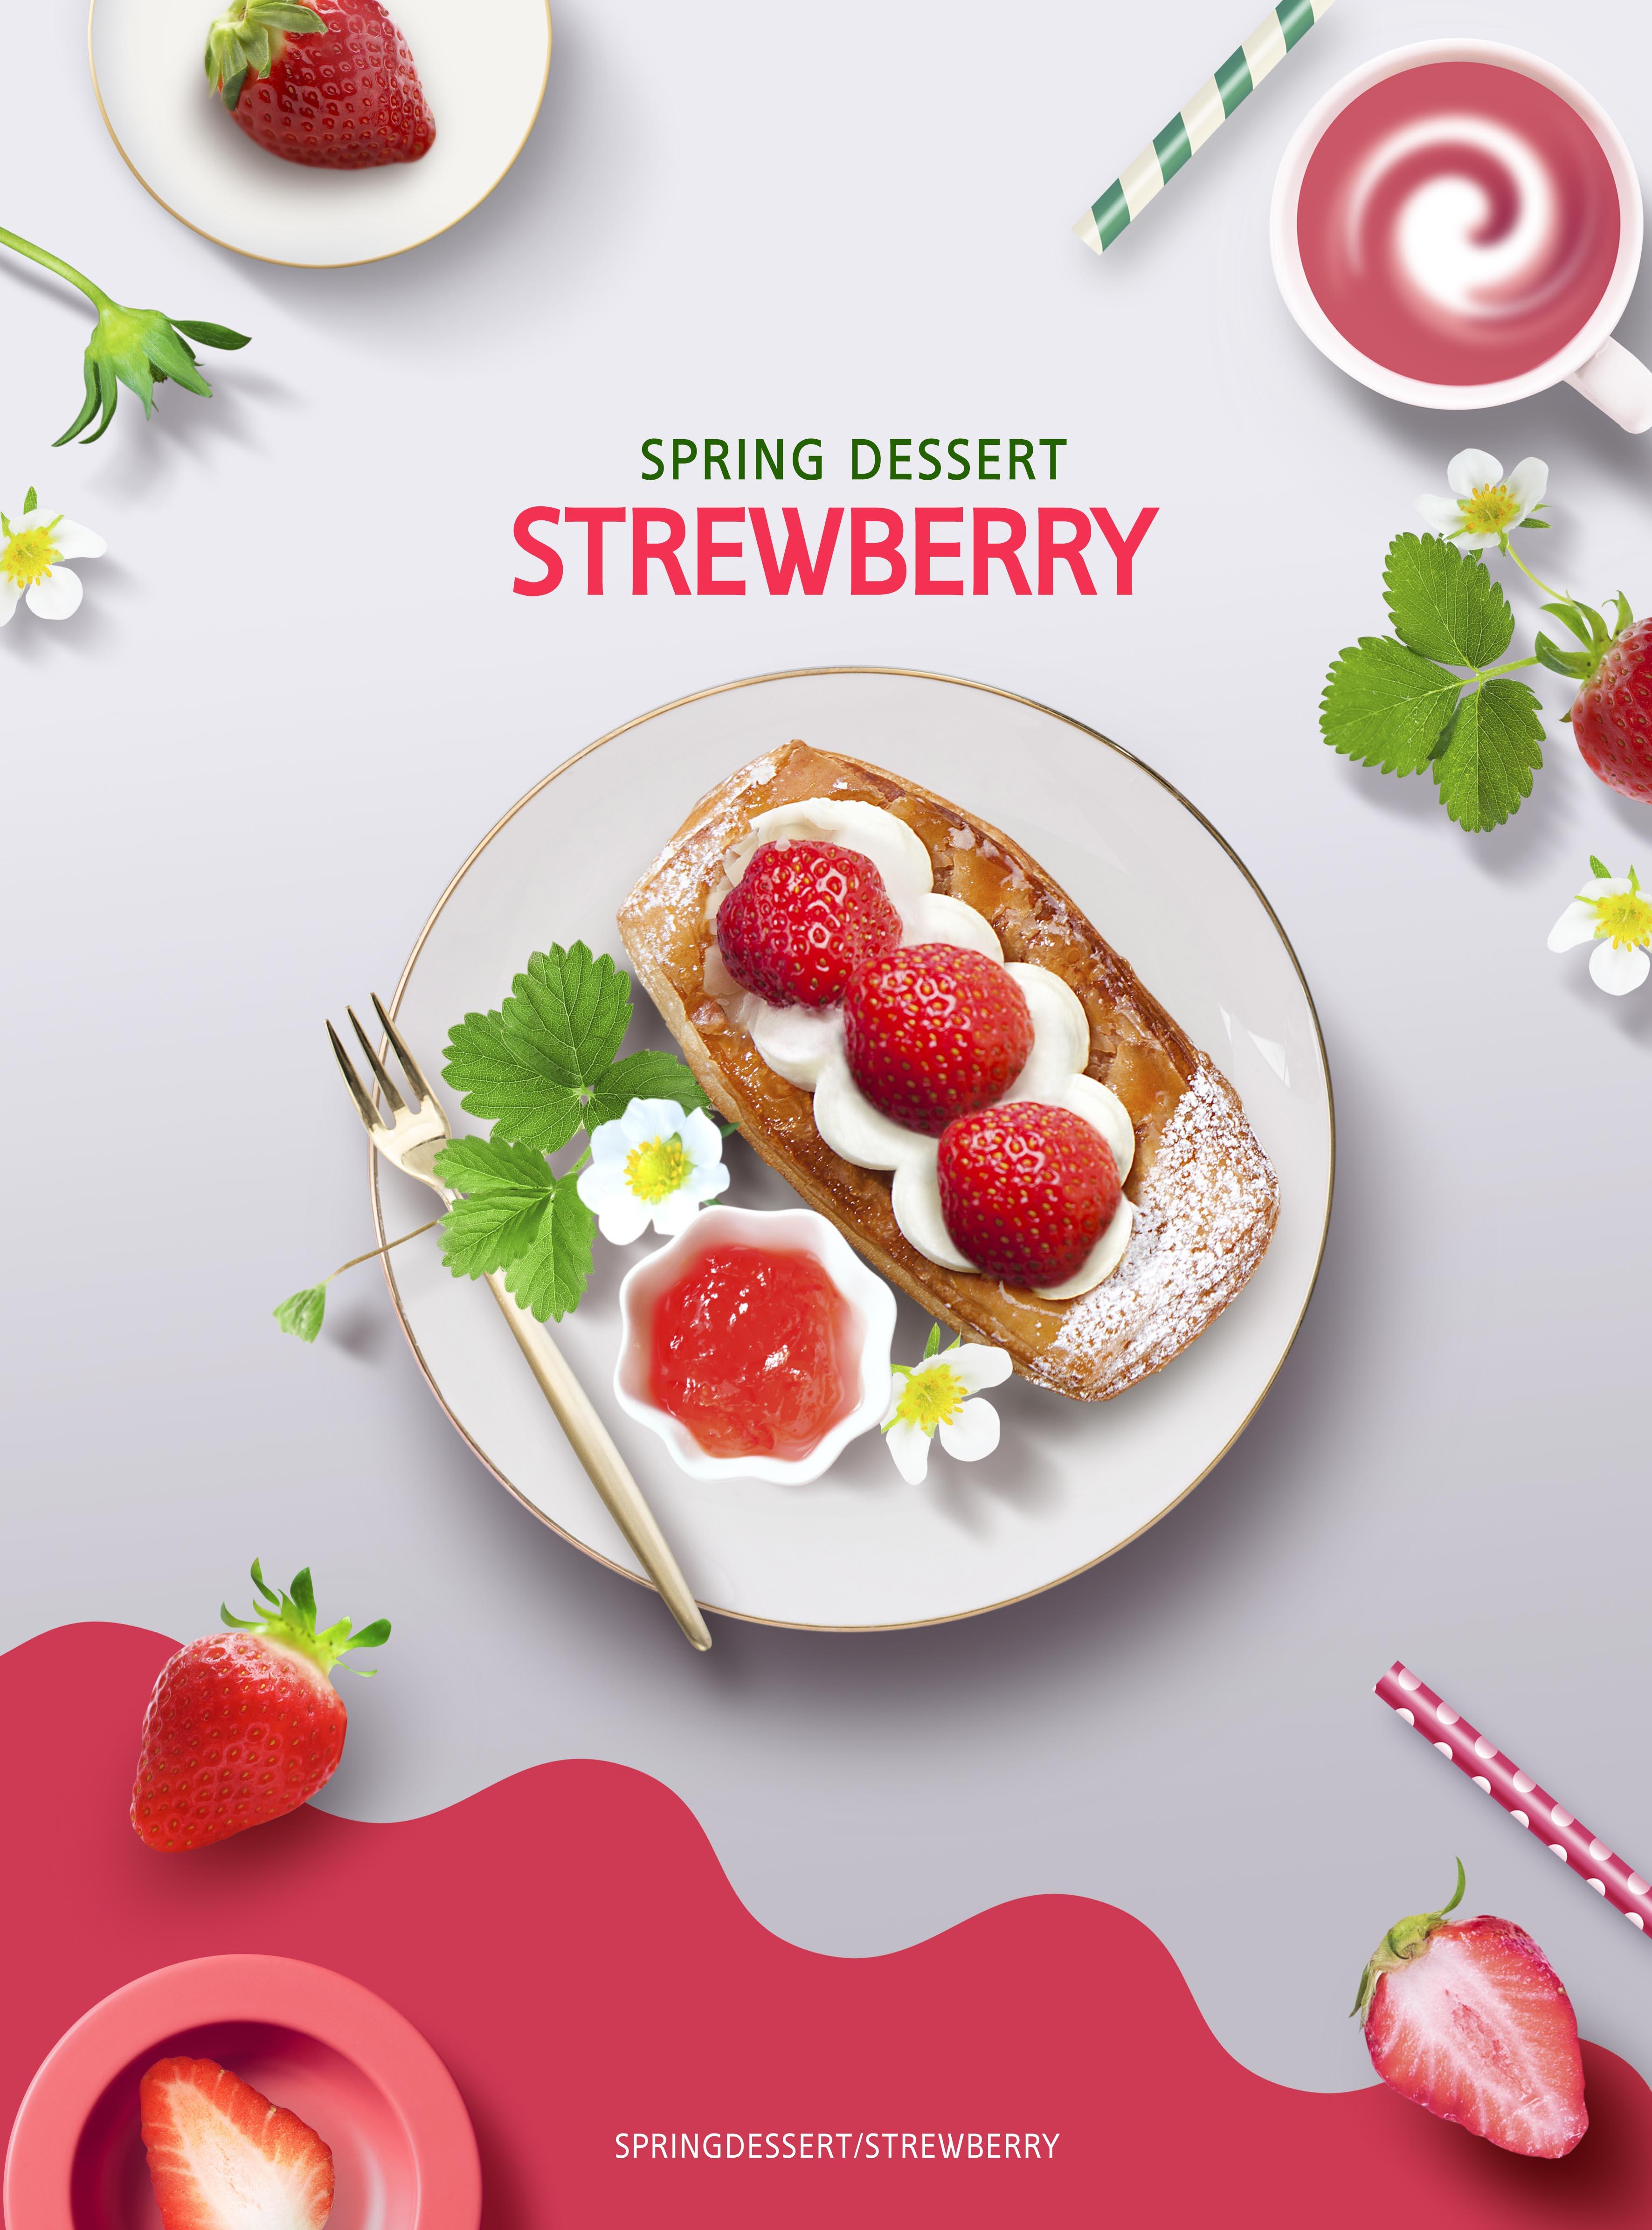 10款奶茶甜品美食蛋糕下午茶传单海报设计PSD素材 Food Poster PSD Template插图3